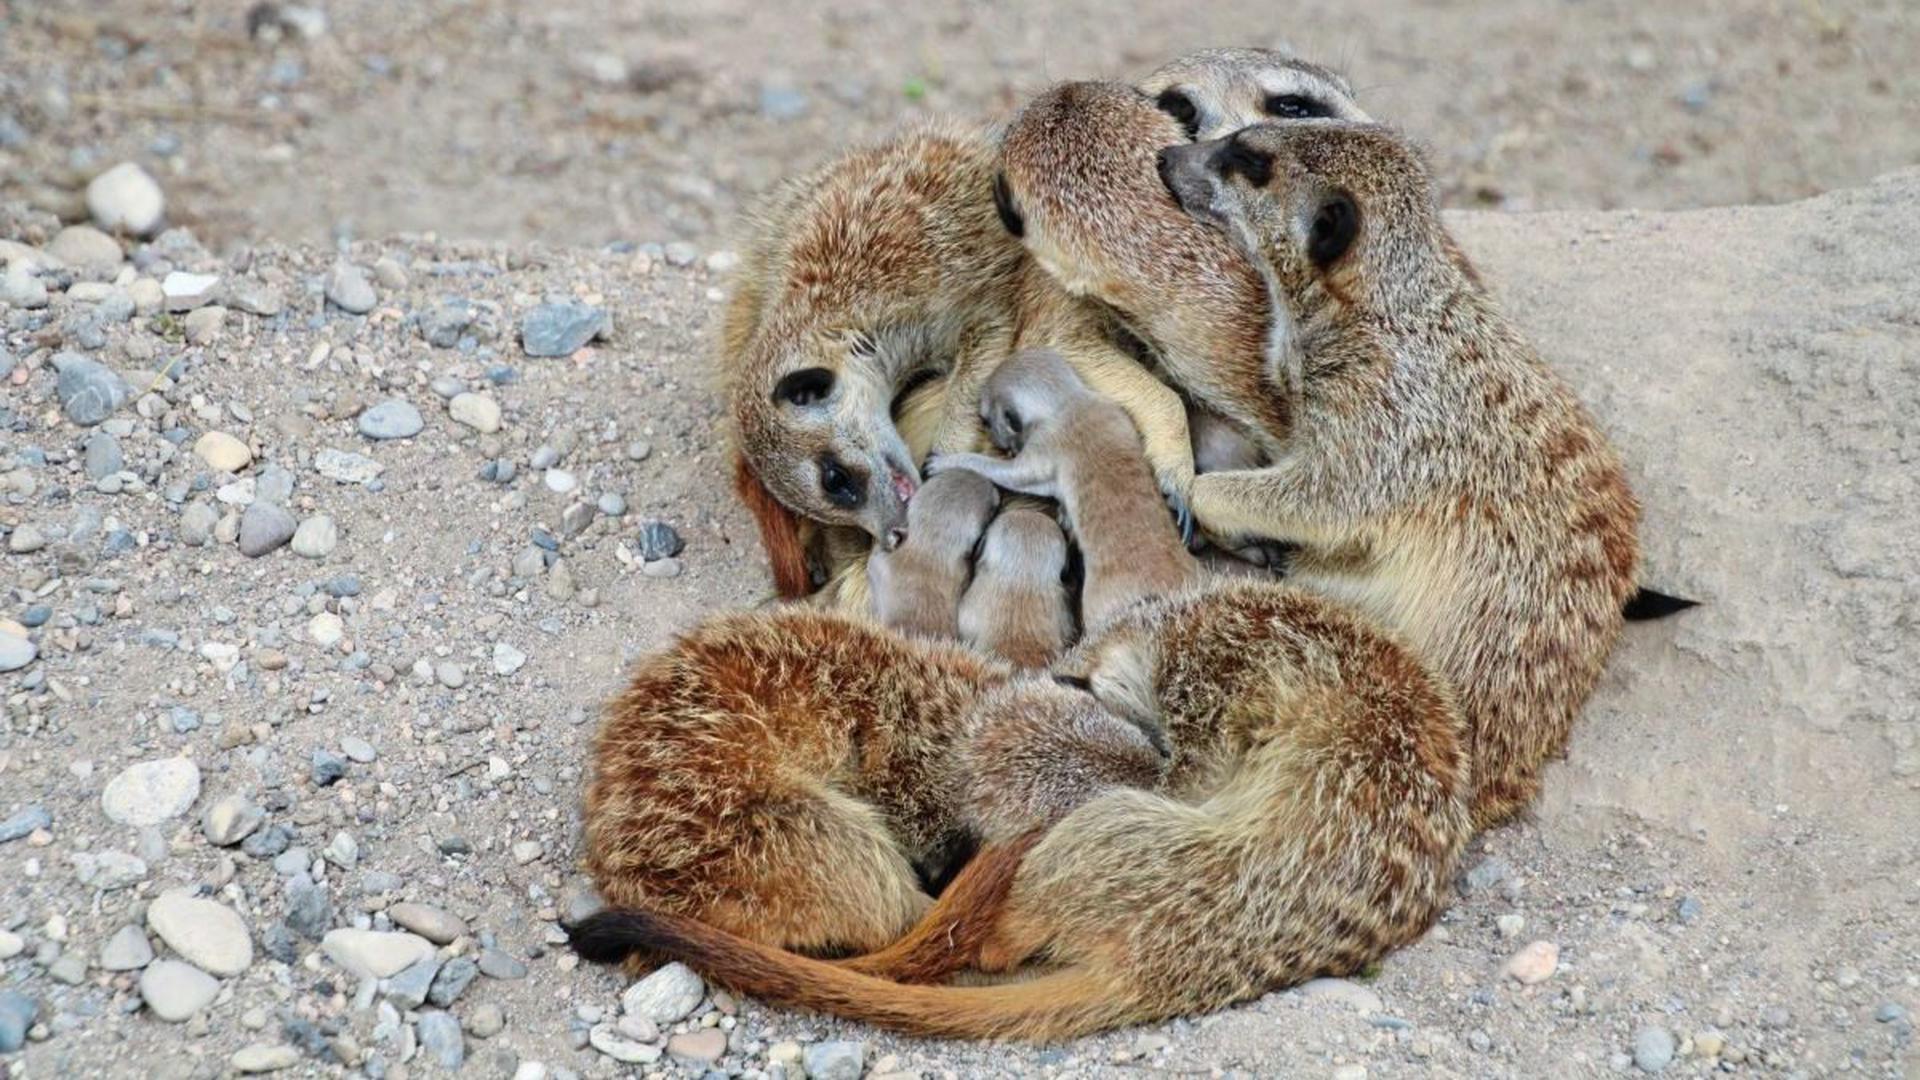 Im Karlsruher Zoo können Besucher ab sofort sechs Erdmännchen-Jungtiere erleben, die sich am Dienstag zum ersten Mal zeigten.